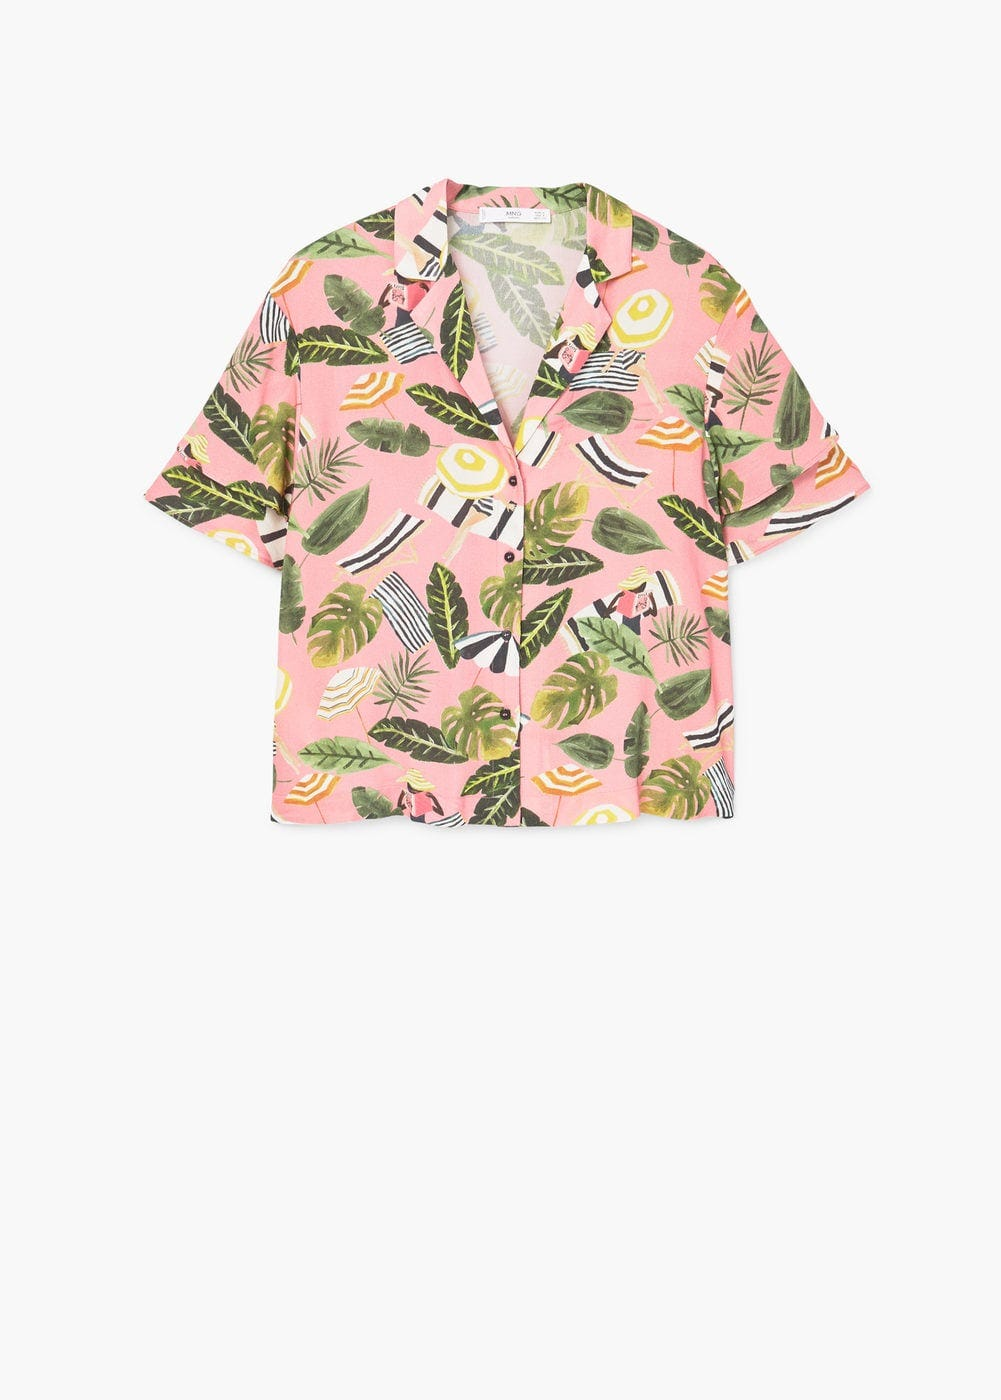 70ee476b6 Best Hawaiian Tropical Print Shirts Summer 2017